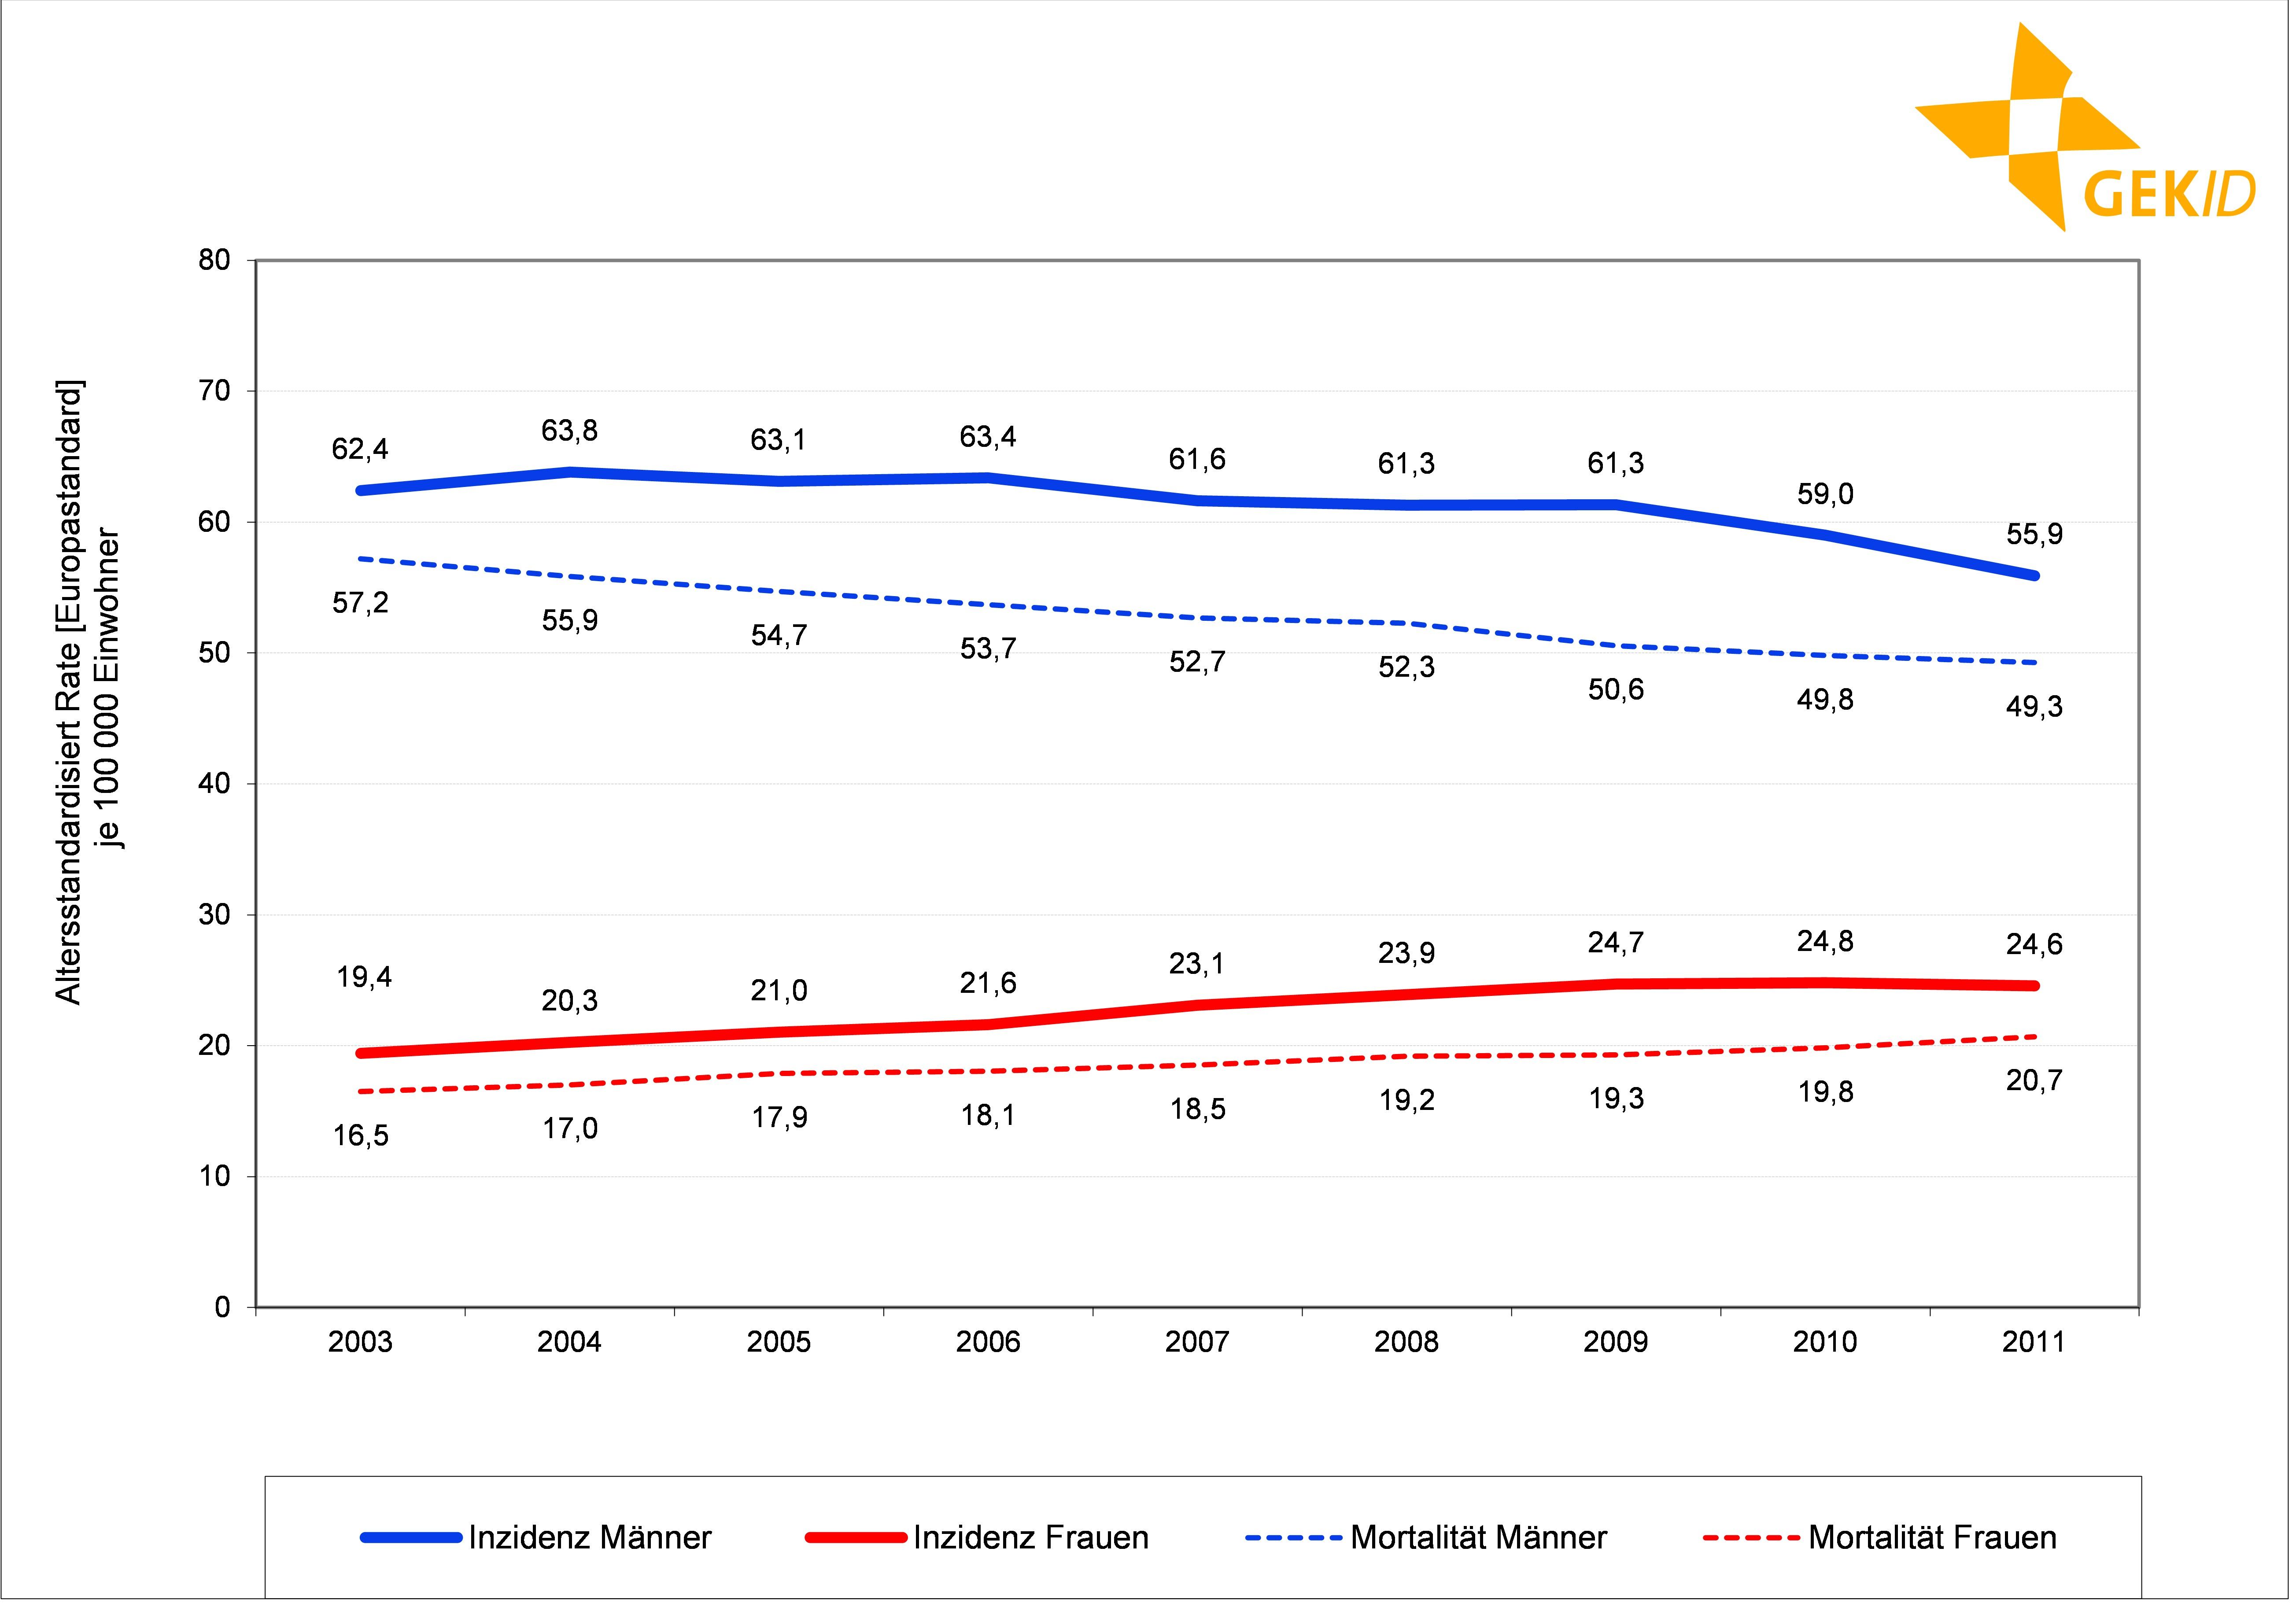 Inzidenz und Mortalität des Lungenkarzinoms in Deutschland (europastandardisierte Rate)